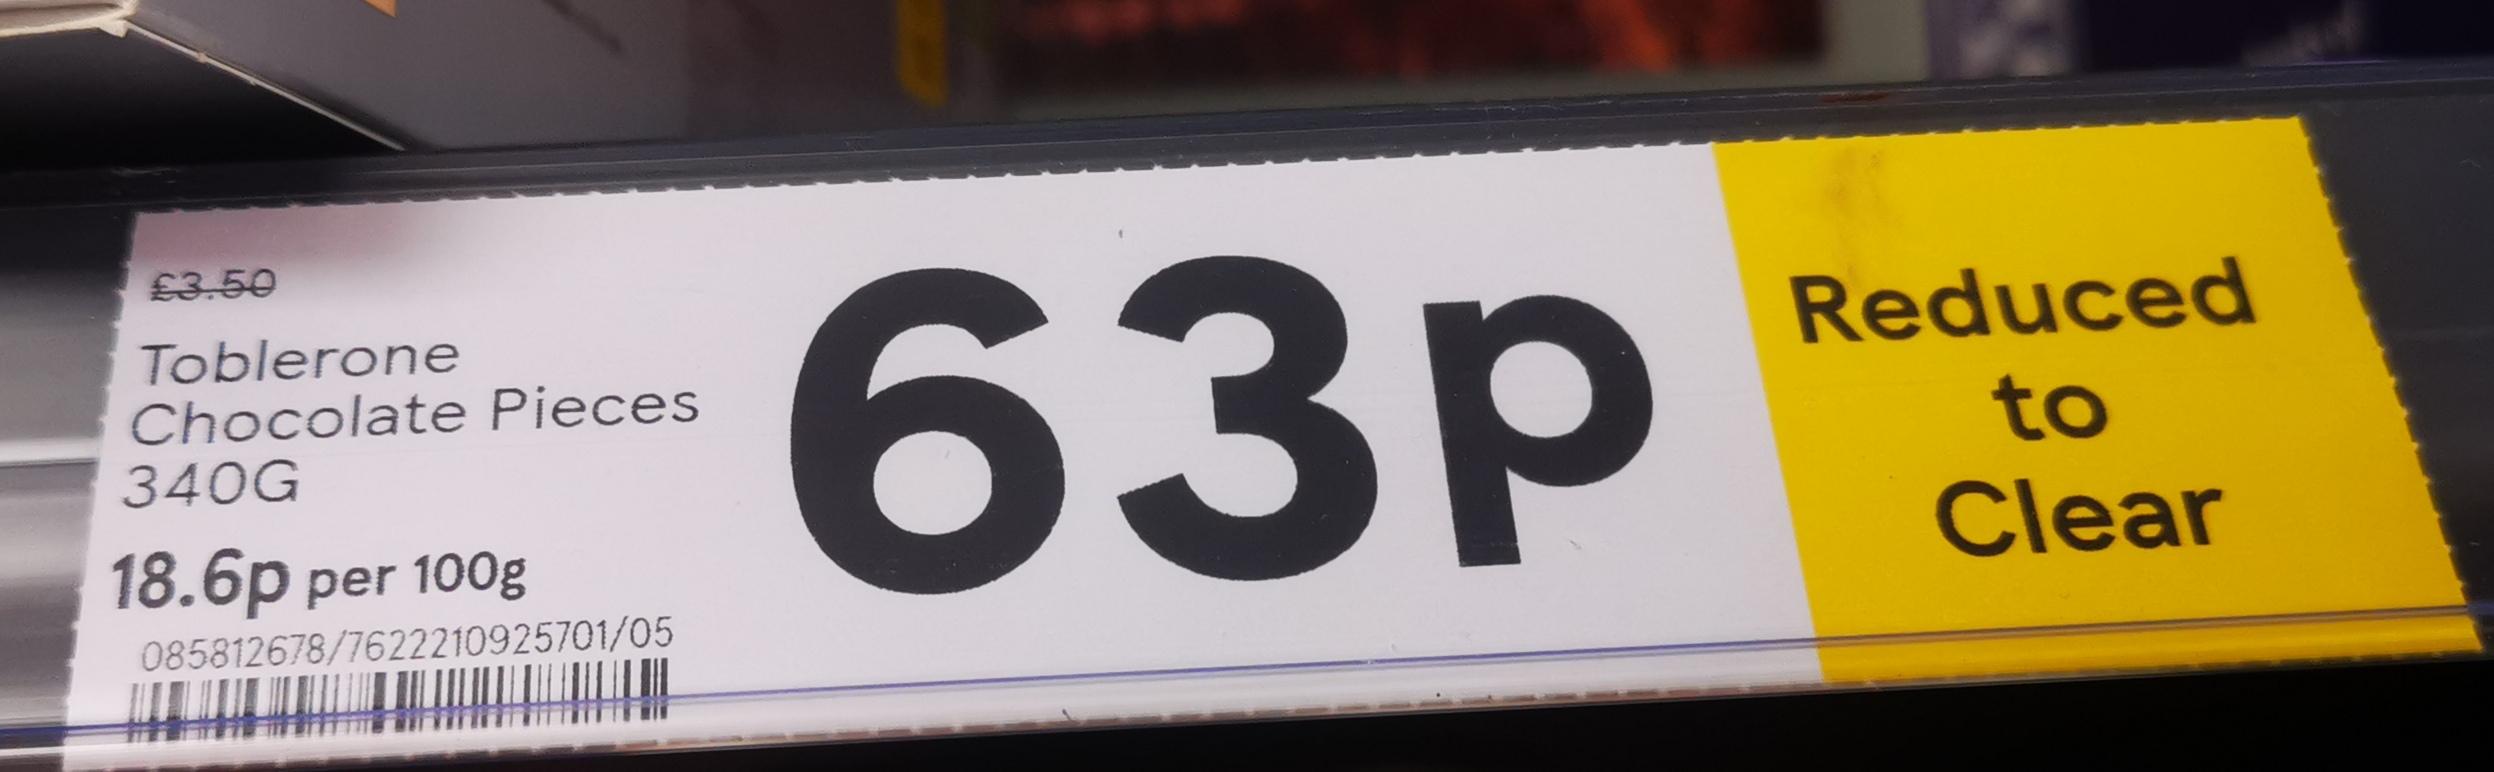 39513603-DeXeg.jpg